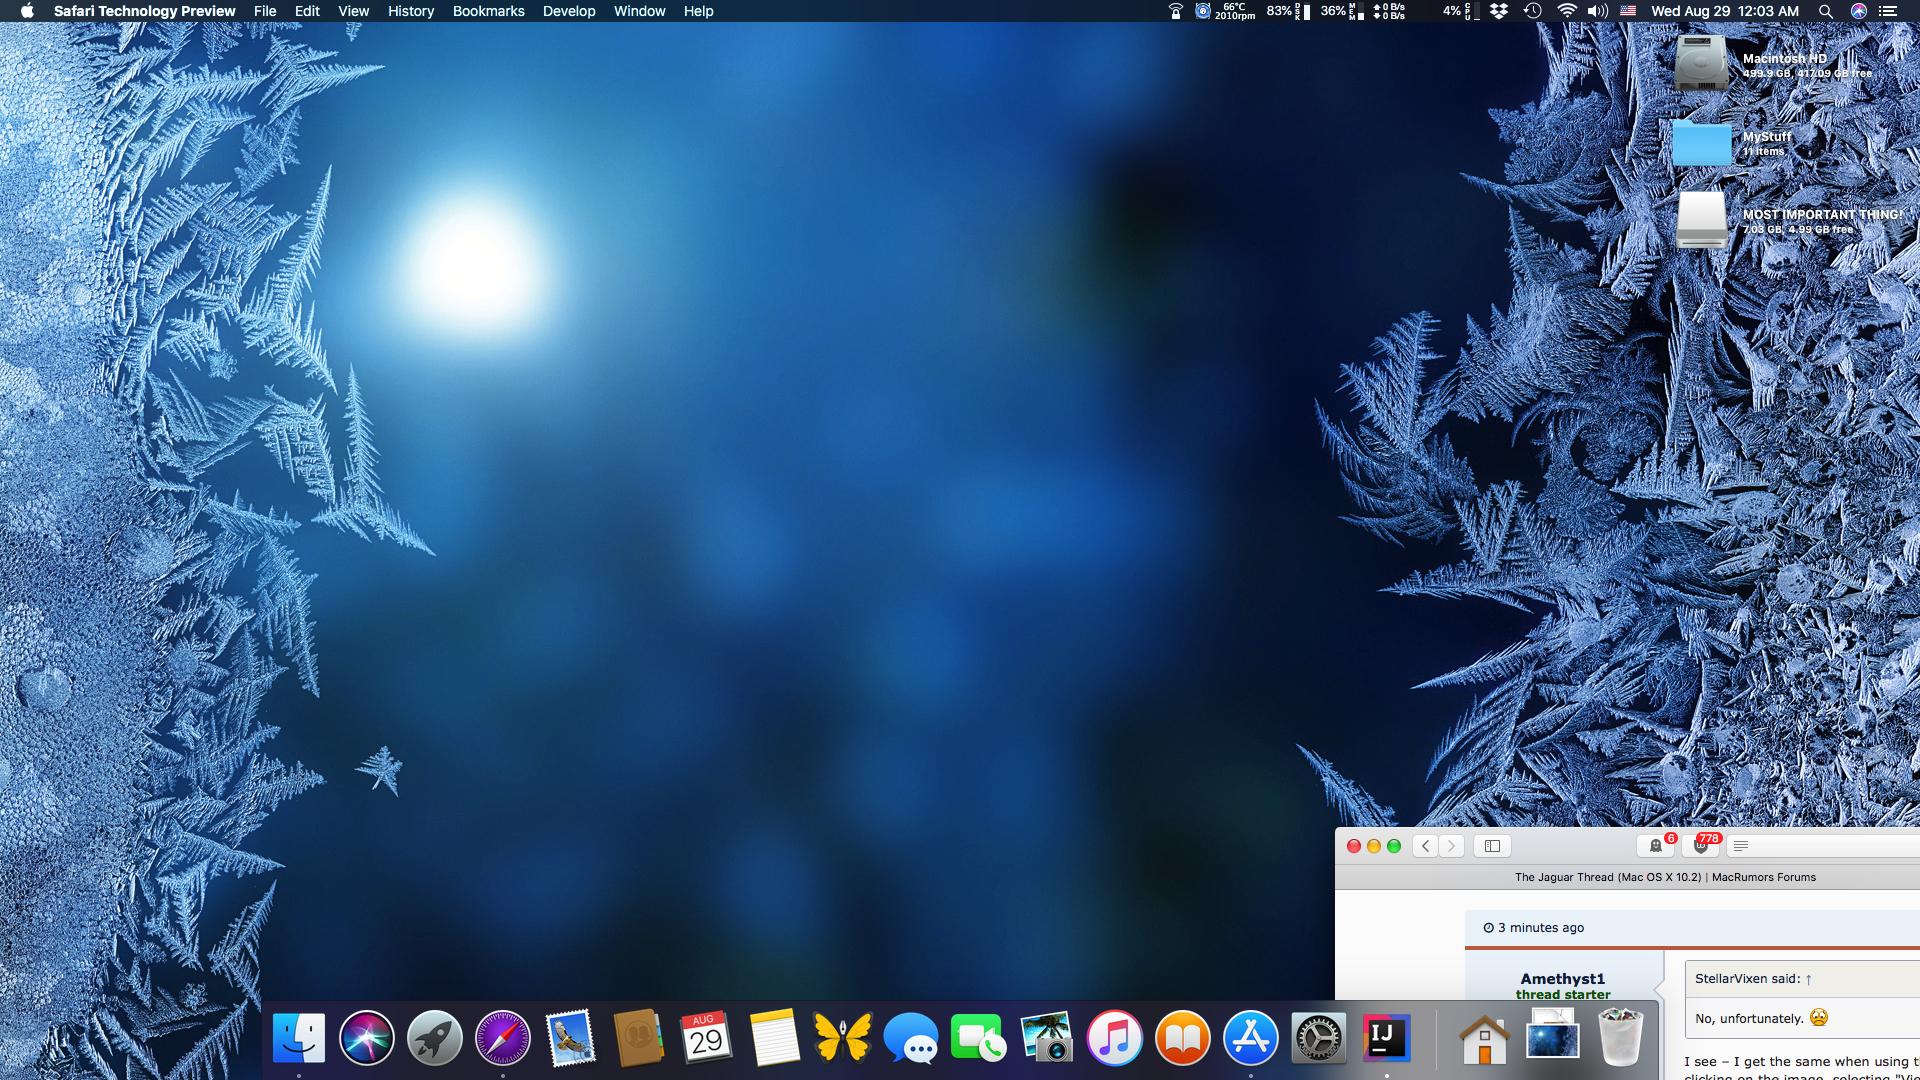 The Jaguar Thread (Mac OS X 10 2) | MacRumors Forums